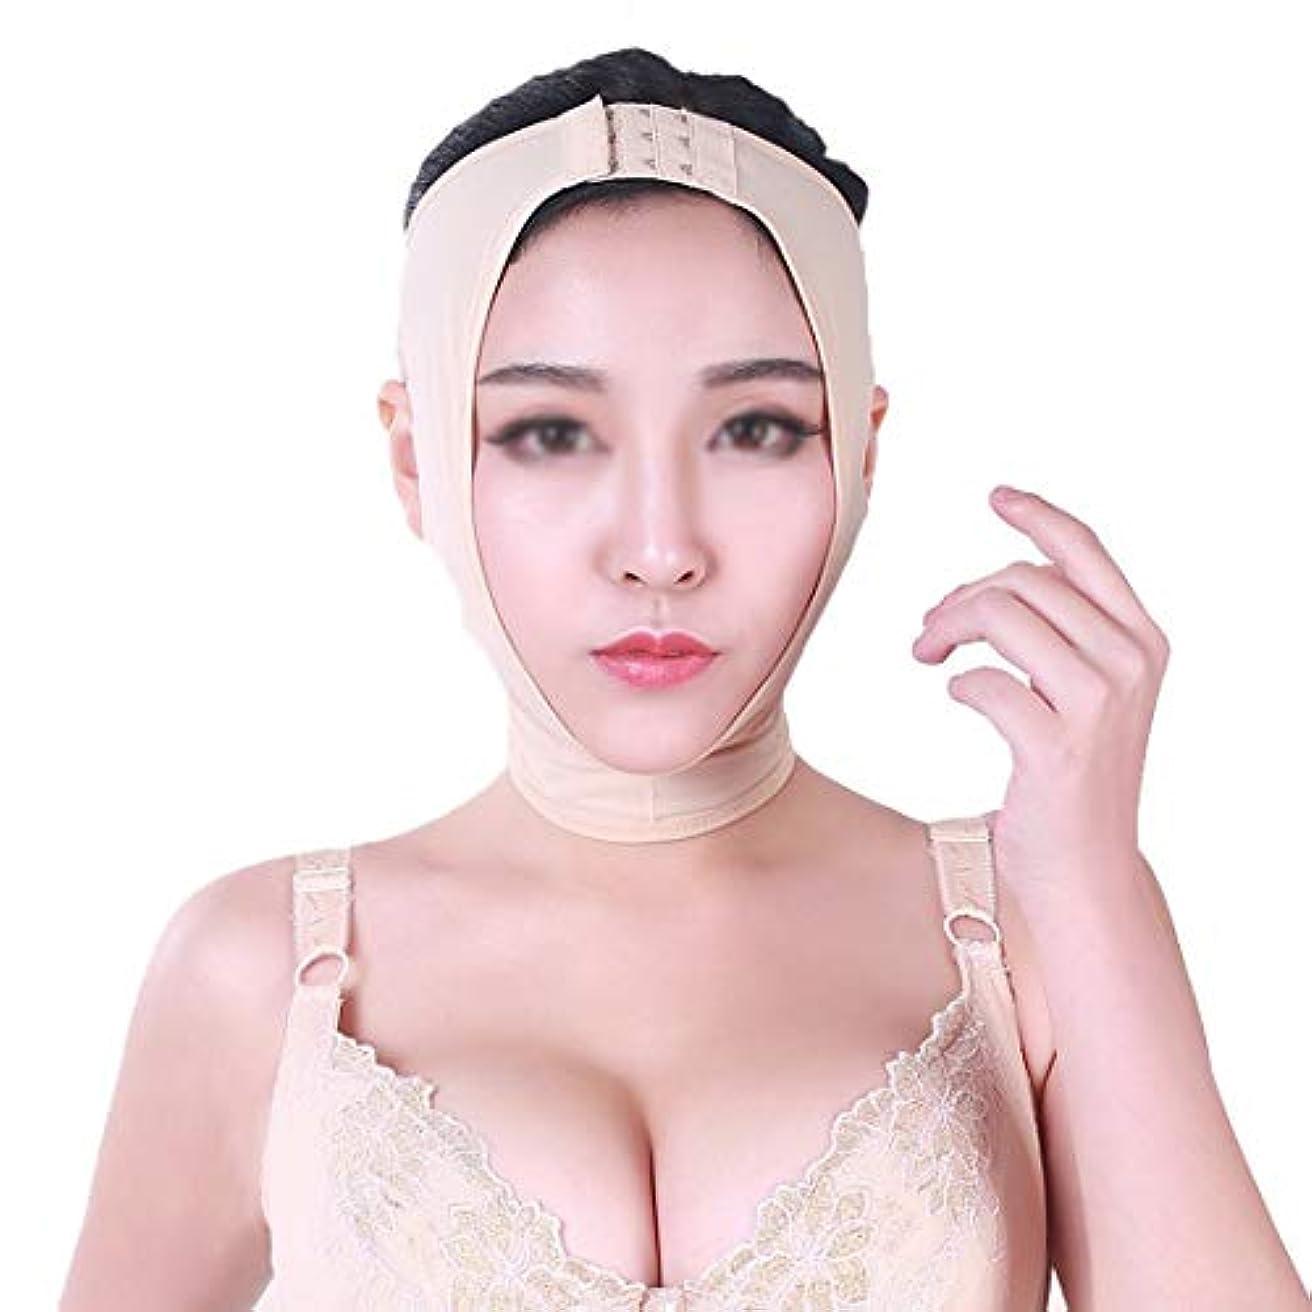 奪うほこり激しいZWBD フェイスマスク, 薄い顔包帯二重あごケア減量マスクリフト引き締めv顔小さなv顔二重あごリフト包帯 (Size : S)